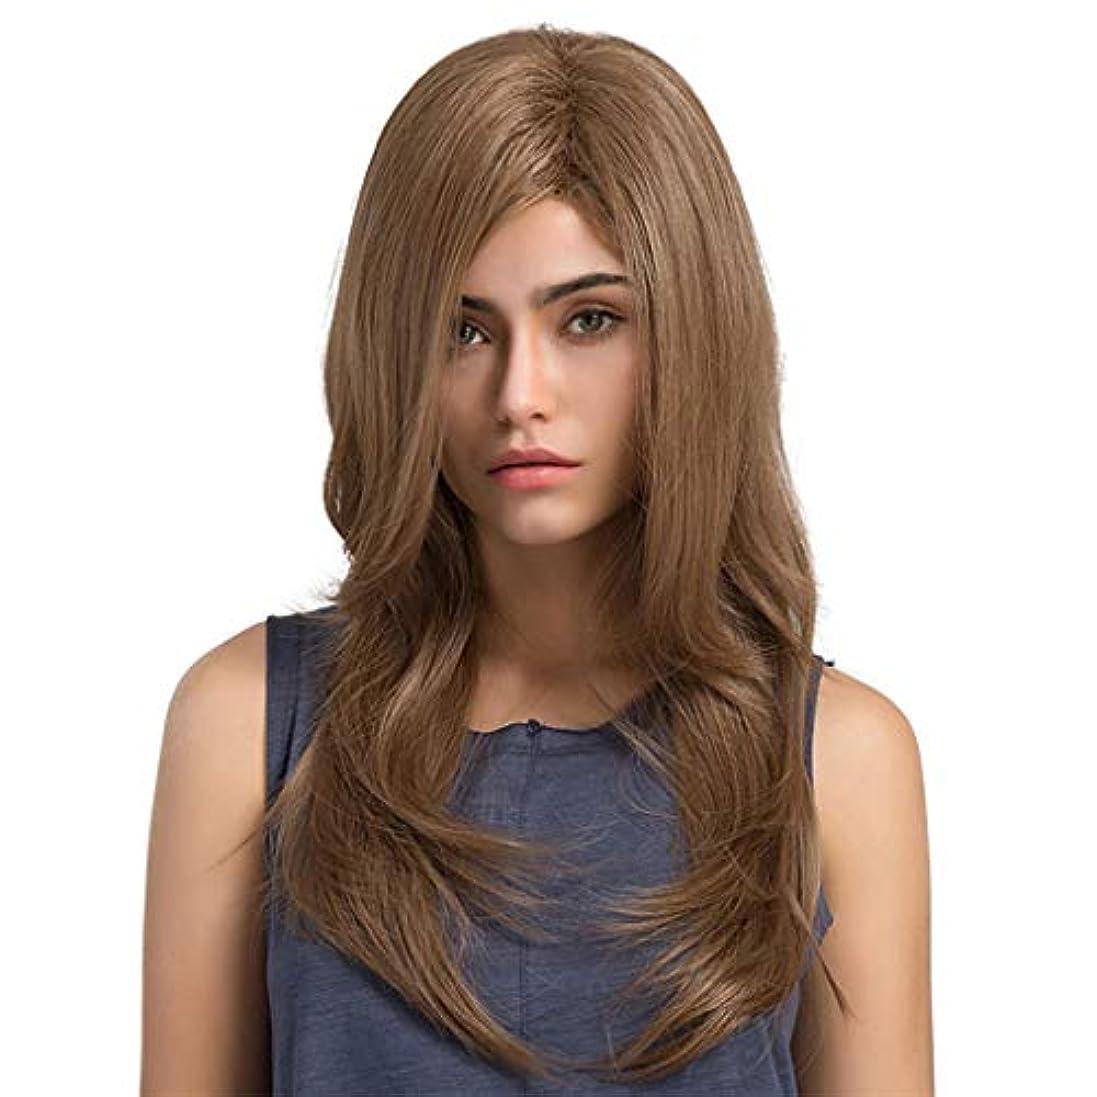 ティーム努力する沈黙女性の長い巻き毛のかつら パーティーかつら65 cm